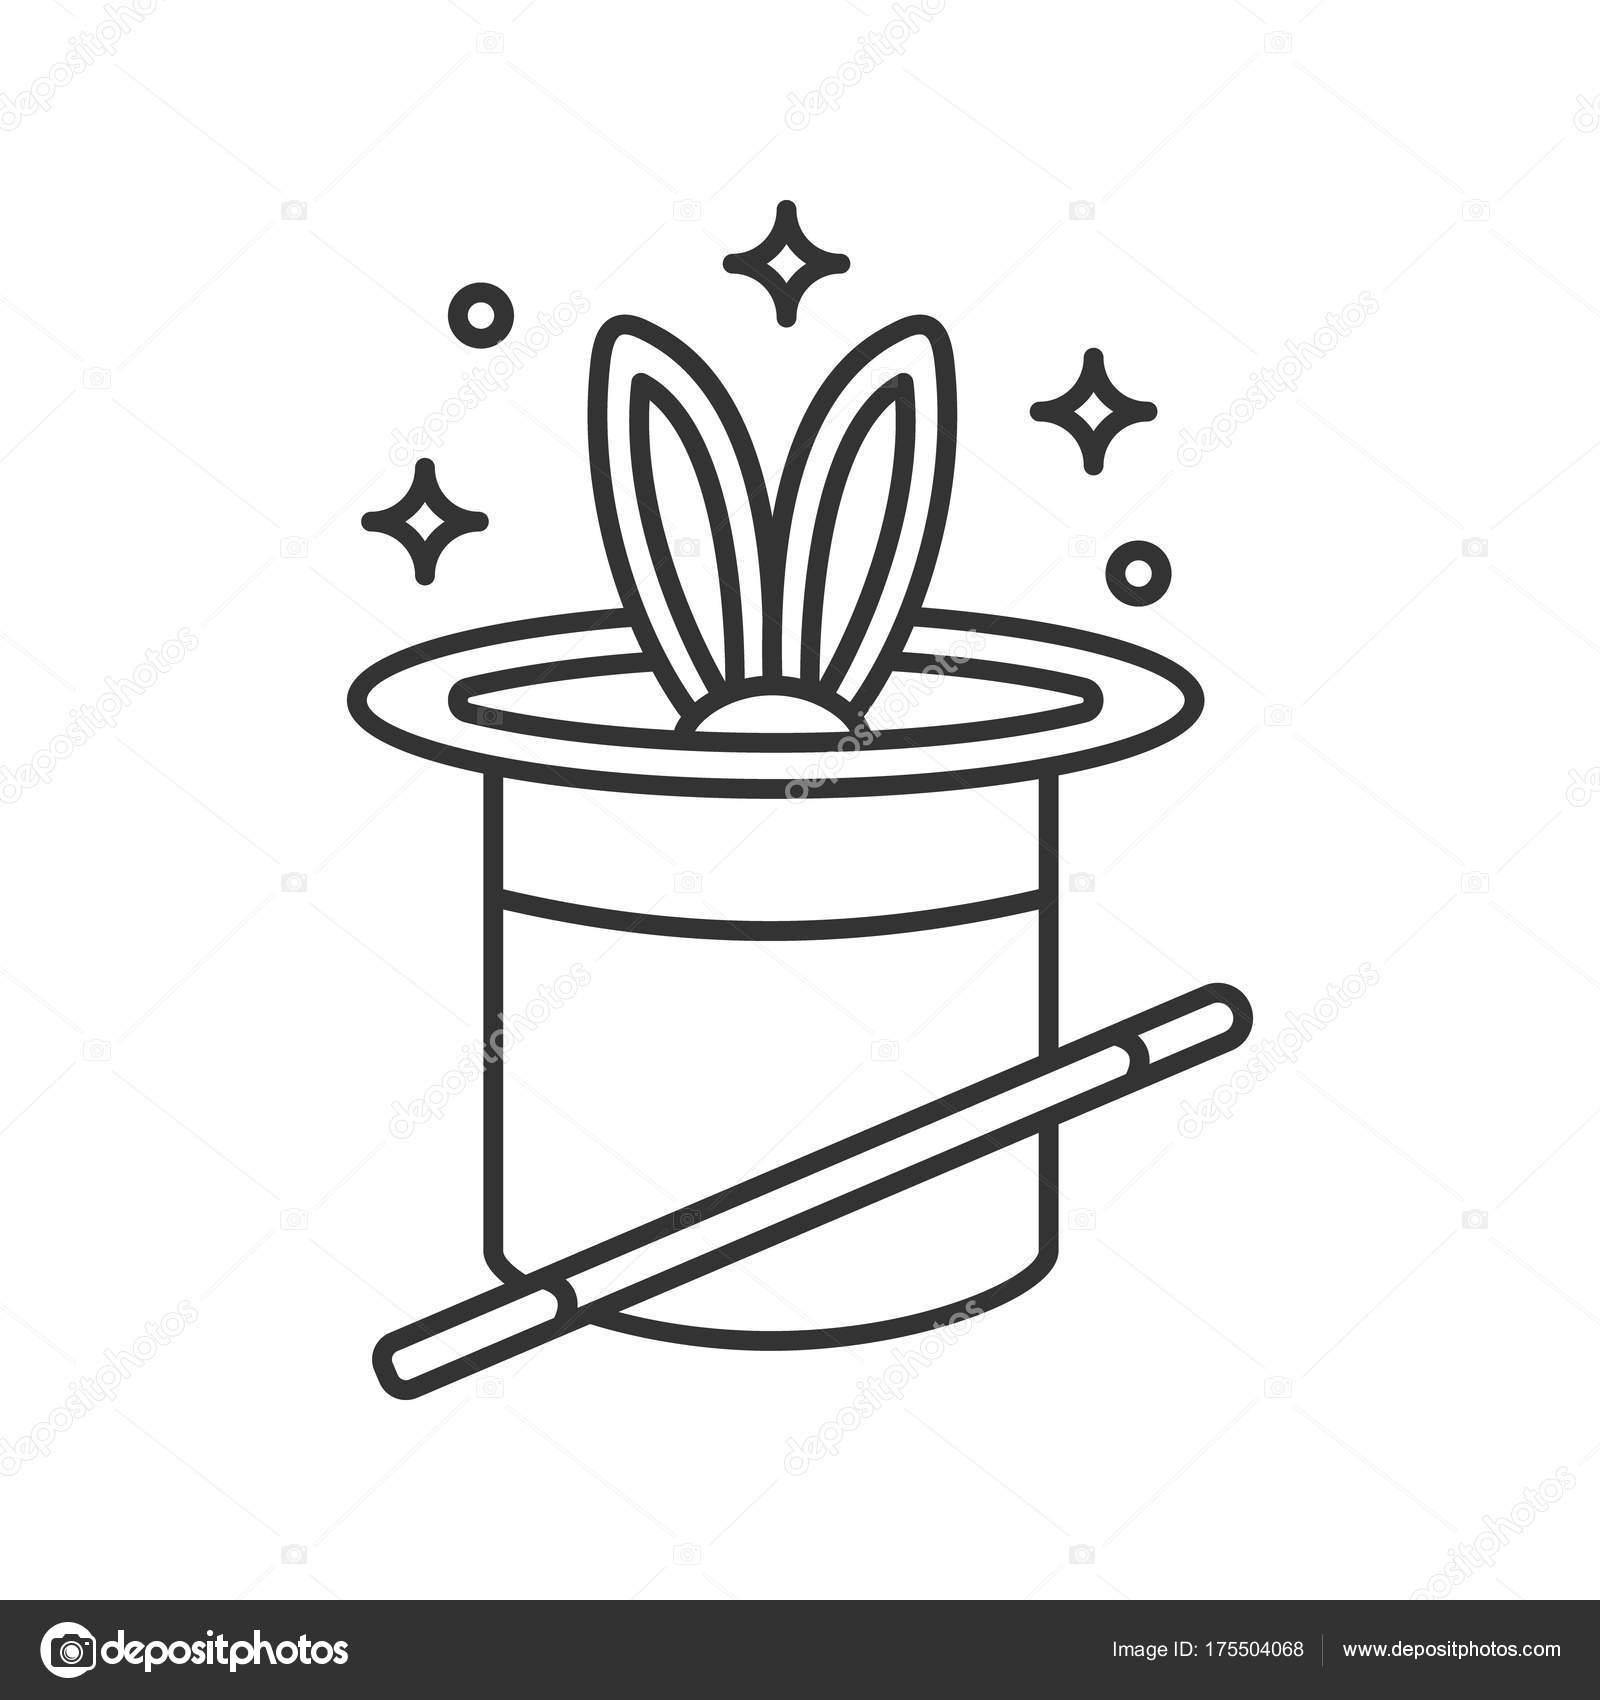 Conejo Sombrero Magia Icono Lineal Tubo Ilustracion Linea